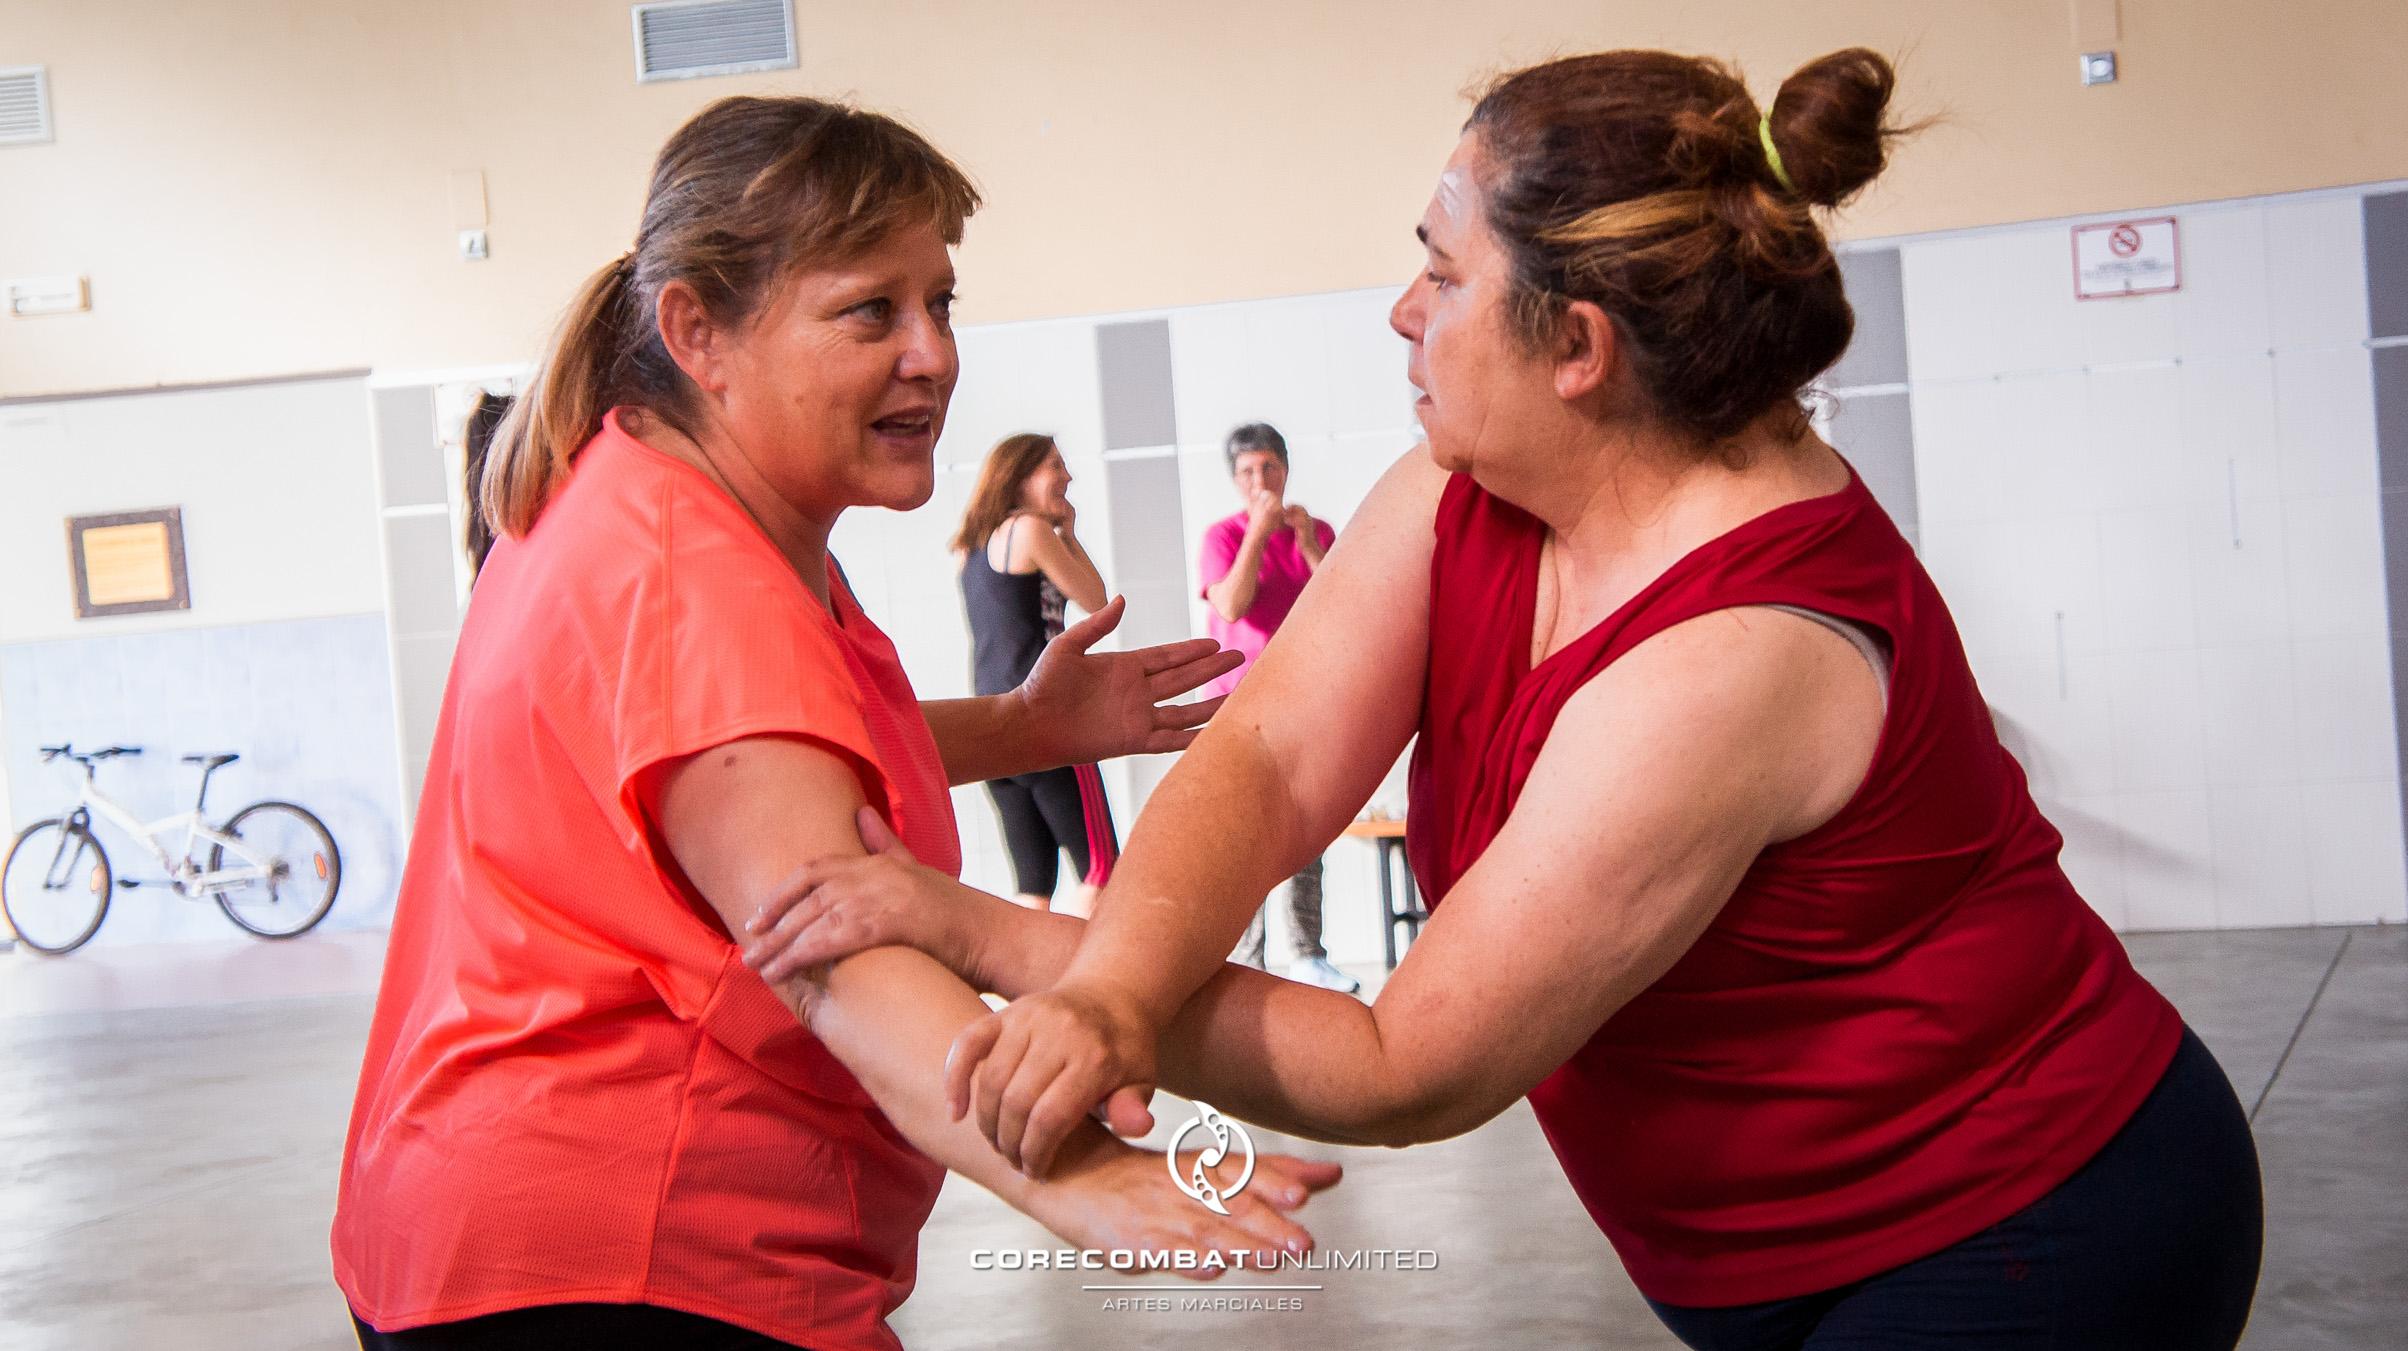 curso-defensa-personal-para-mujeres-zamora-coreses-artes-marciales-zamora-core-combat-salamanca-valladolid-leon-madrid-03